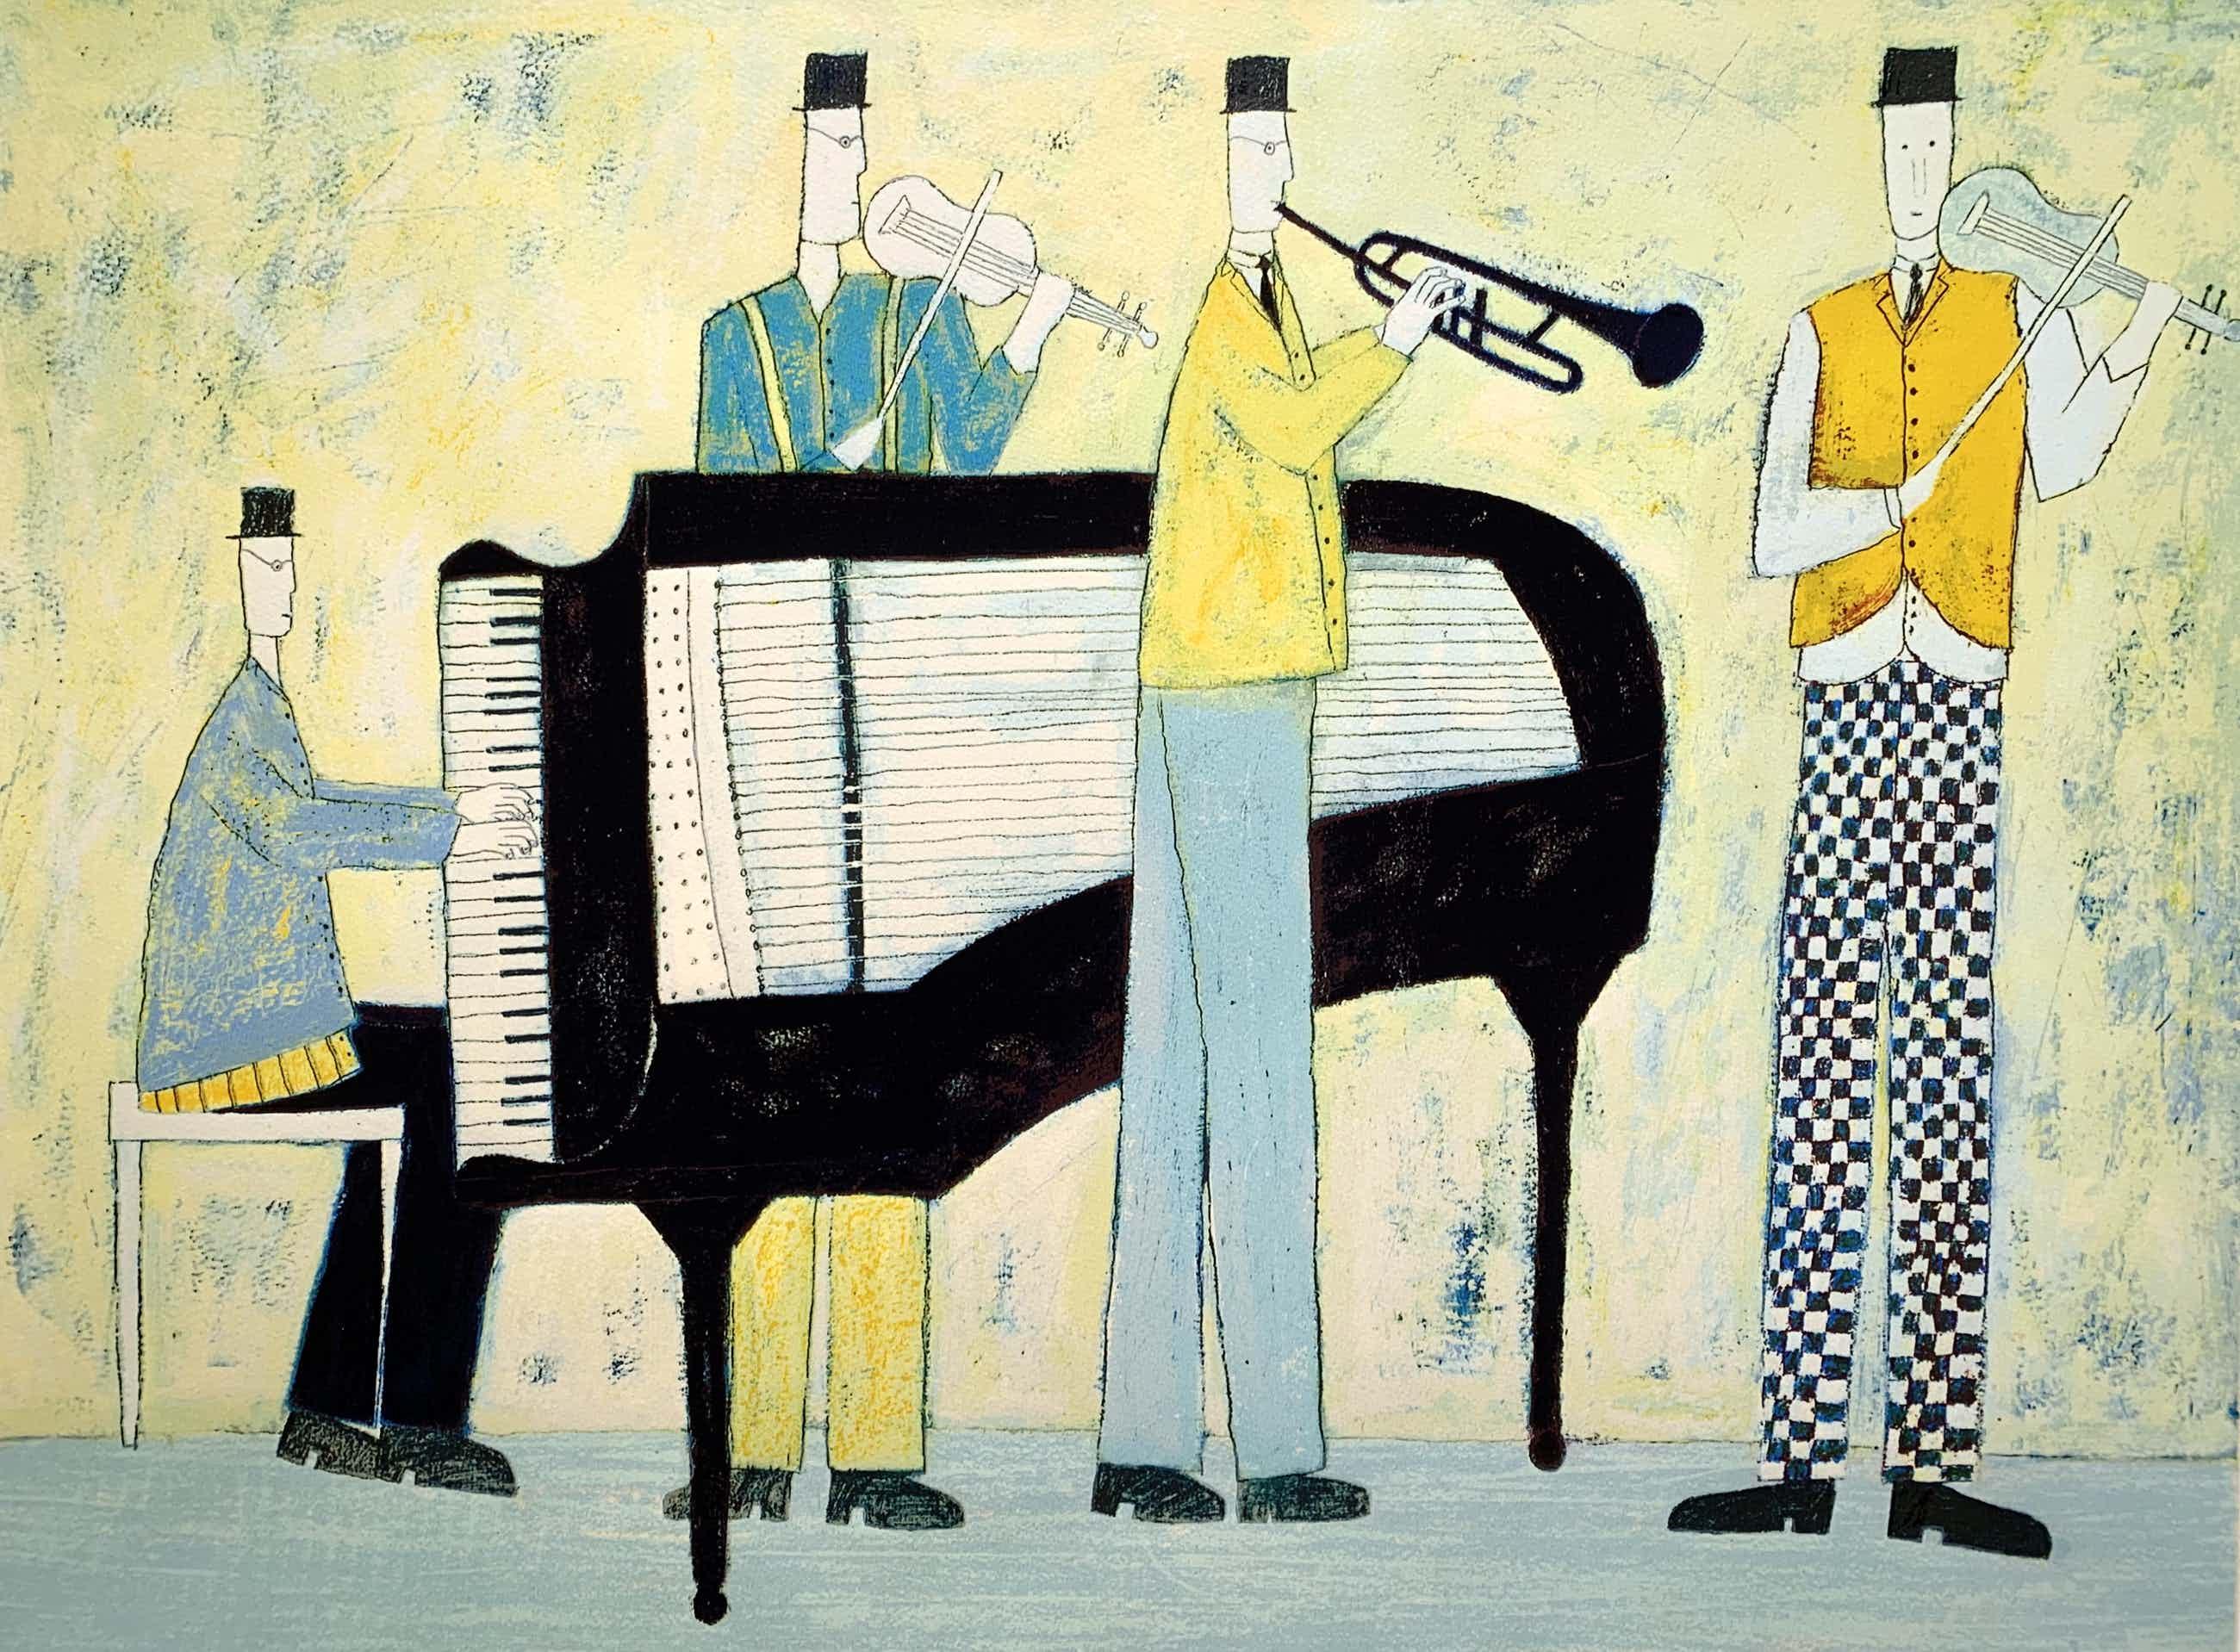 Annora Spence - kleurenzeefdruk | 'Musicians' | 1997 (Groot werk) kopen? Bied vanaf 175!